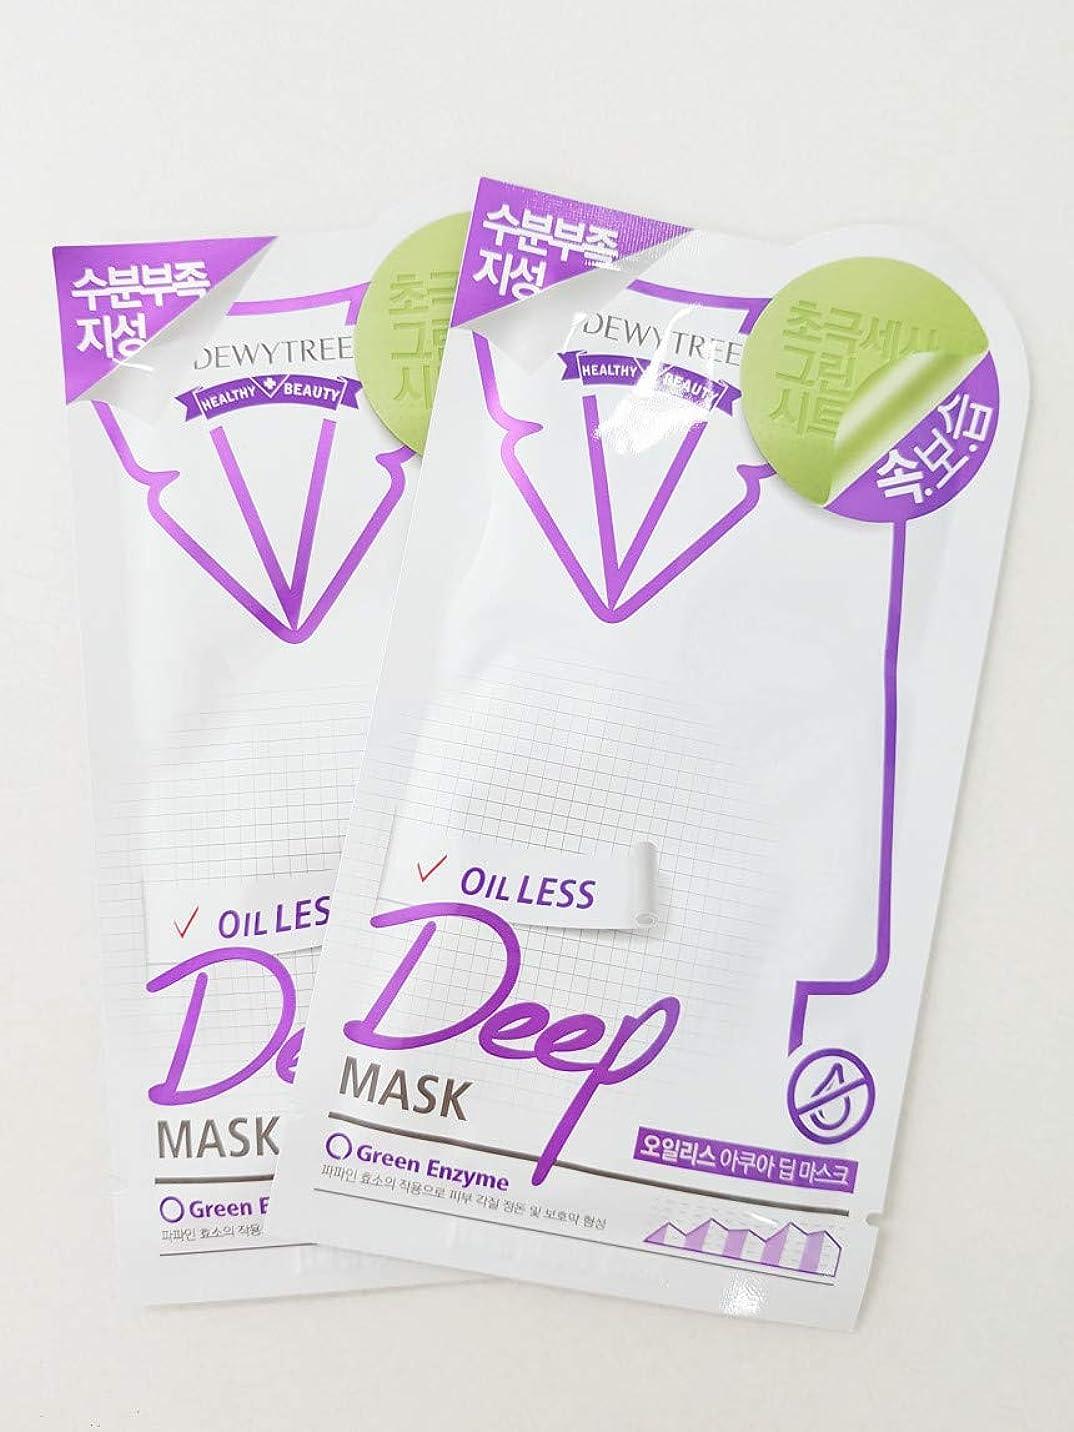 いちゃつく楽しい献身(デューイトゥリー) DEWYTREE オイルレスアクアディープマスク 20枚 Oilless Aqua Dip Mask 韓国マスクパック (並行輸入品)